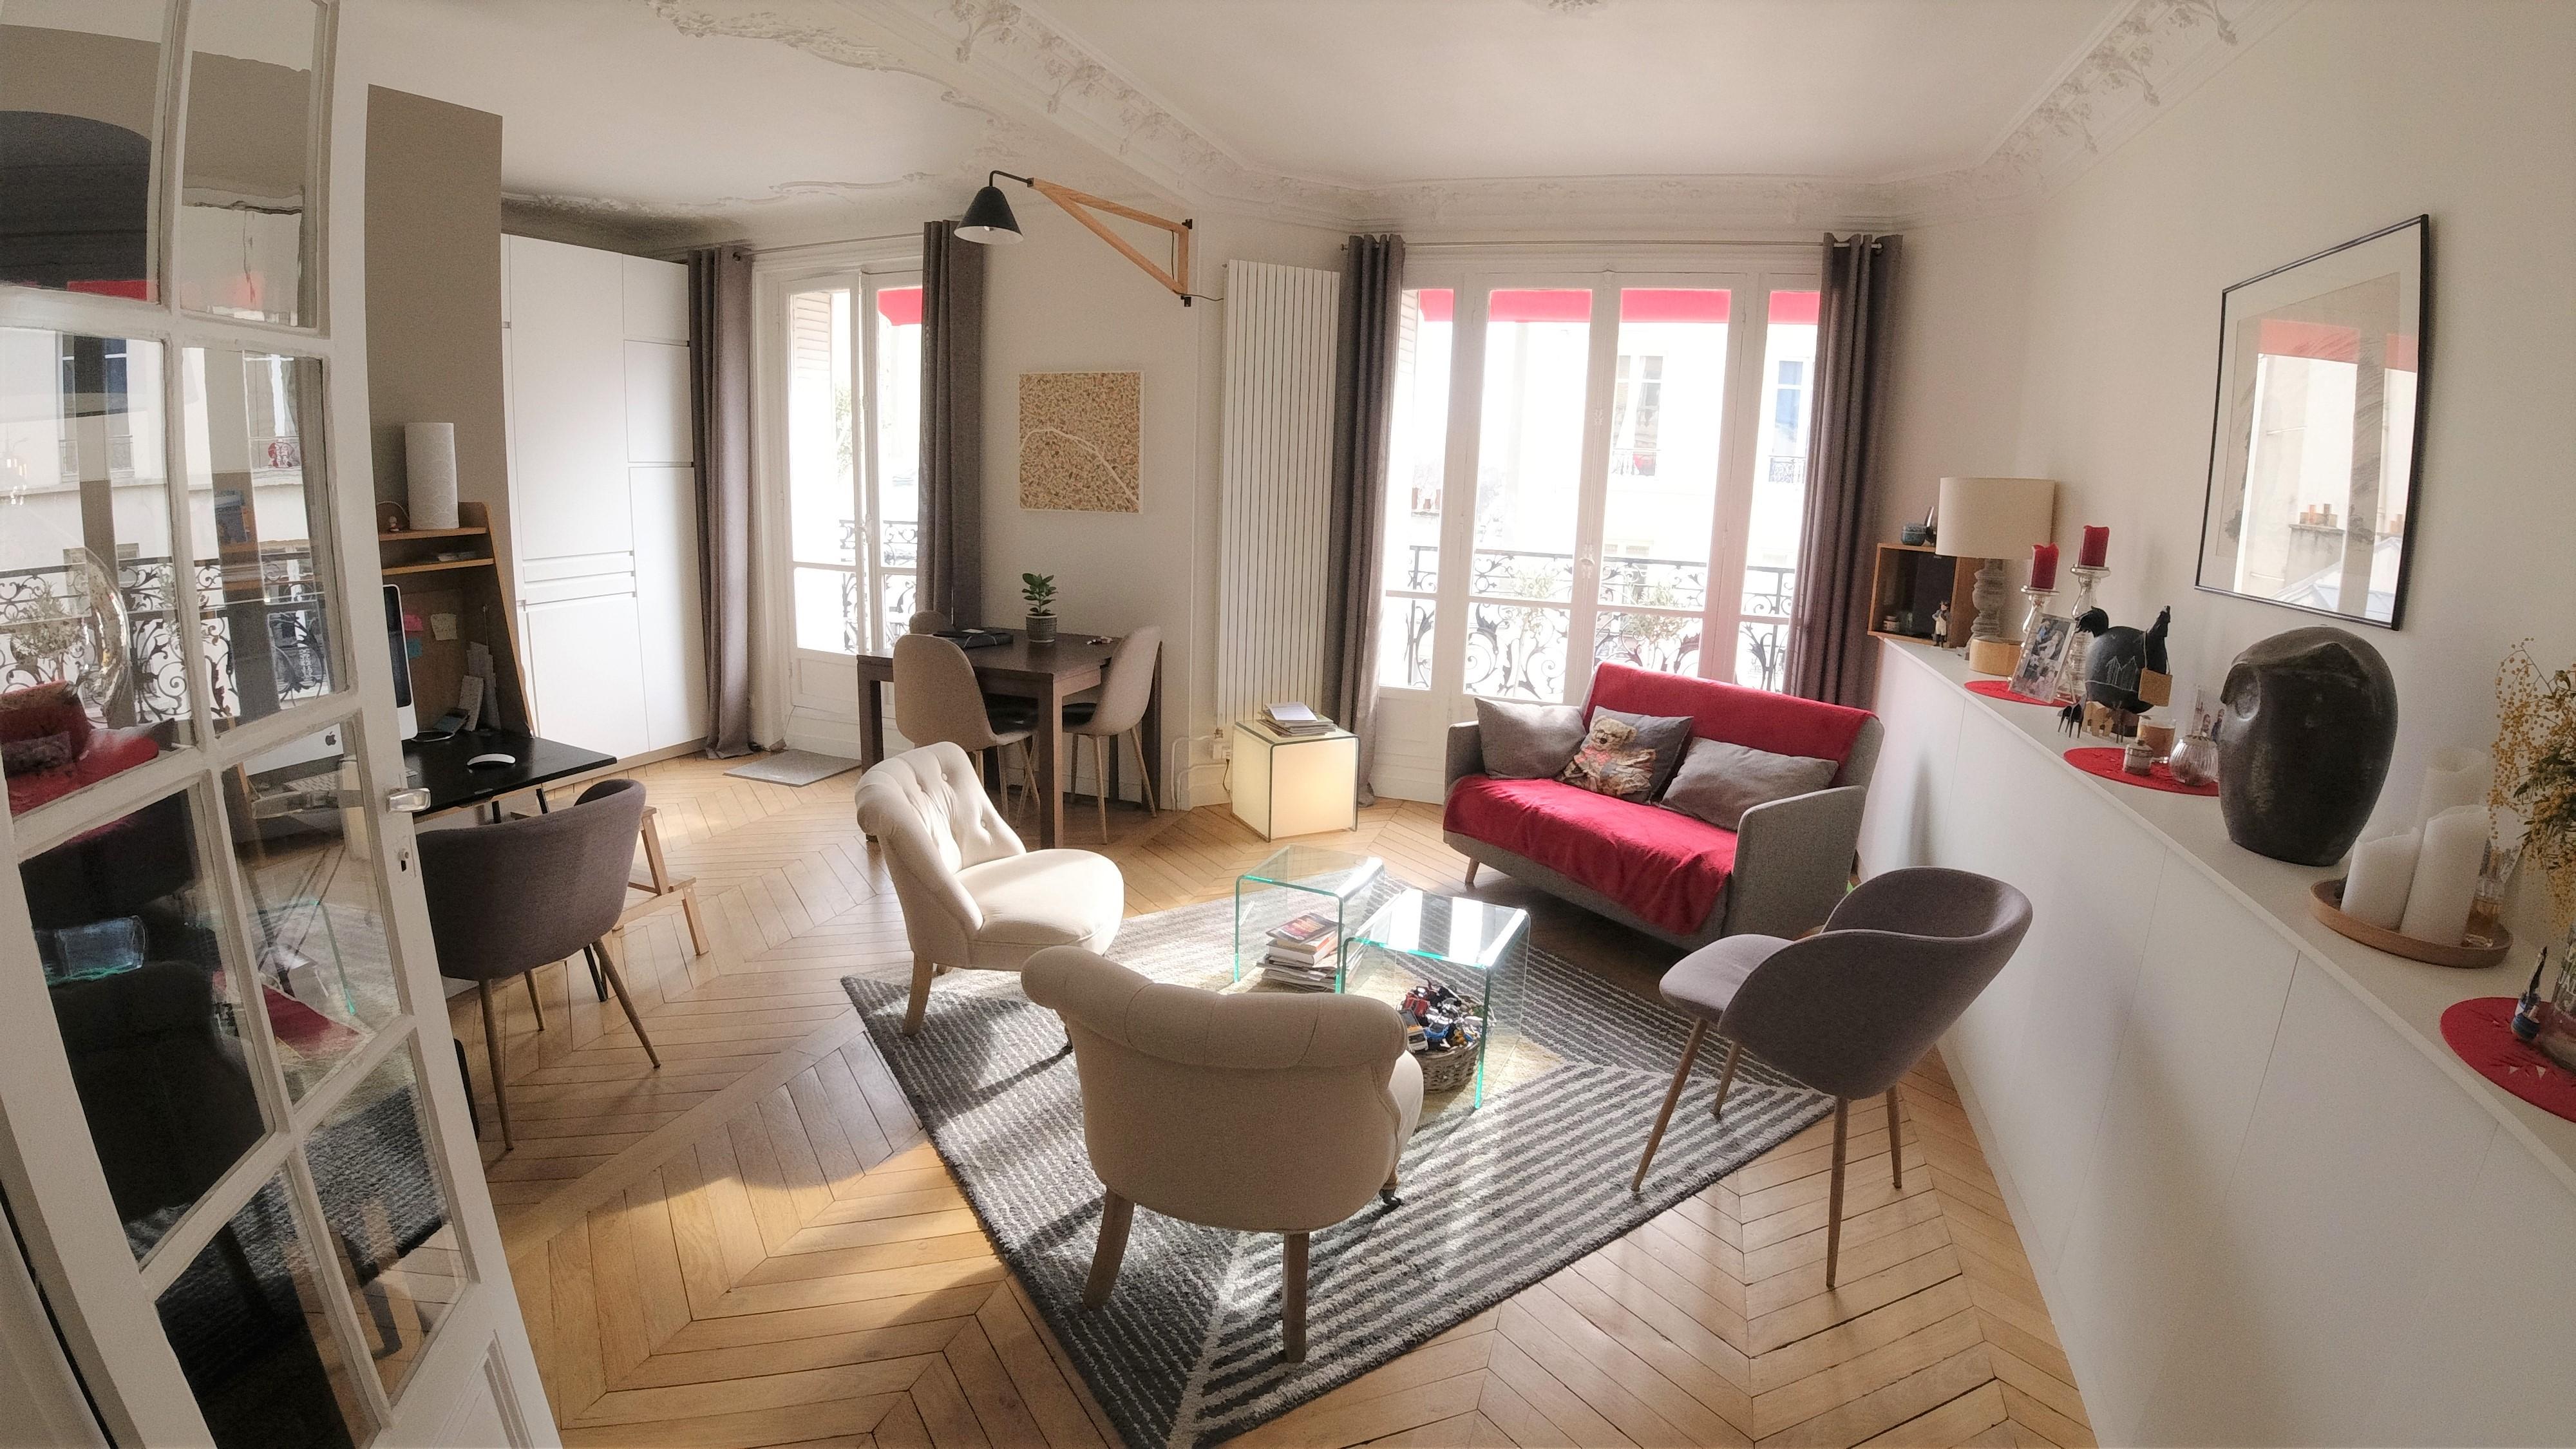 Paris 15 ème, 3 Pièces 54m2 proche Avenue Breteuil, Métro Sèvres lecourbe et Segur